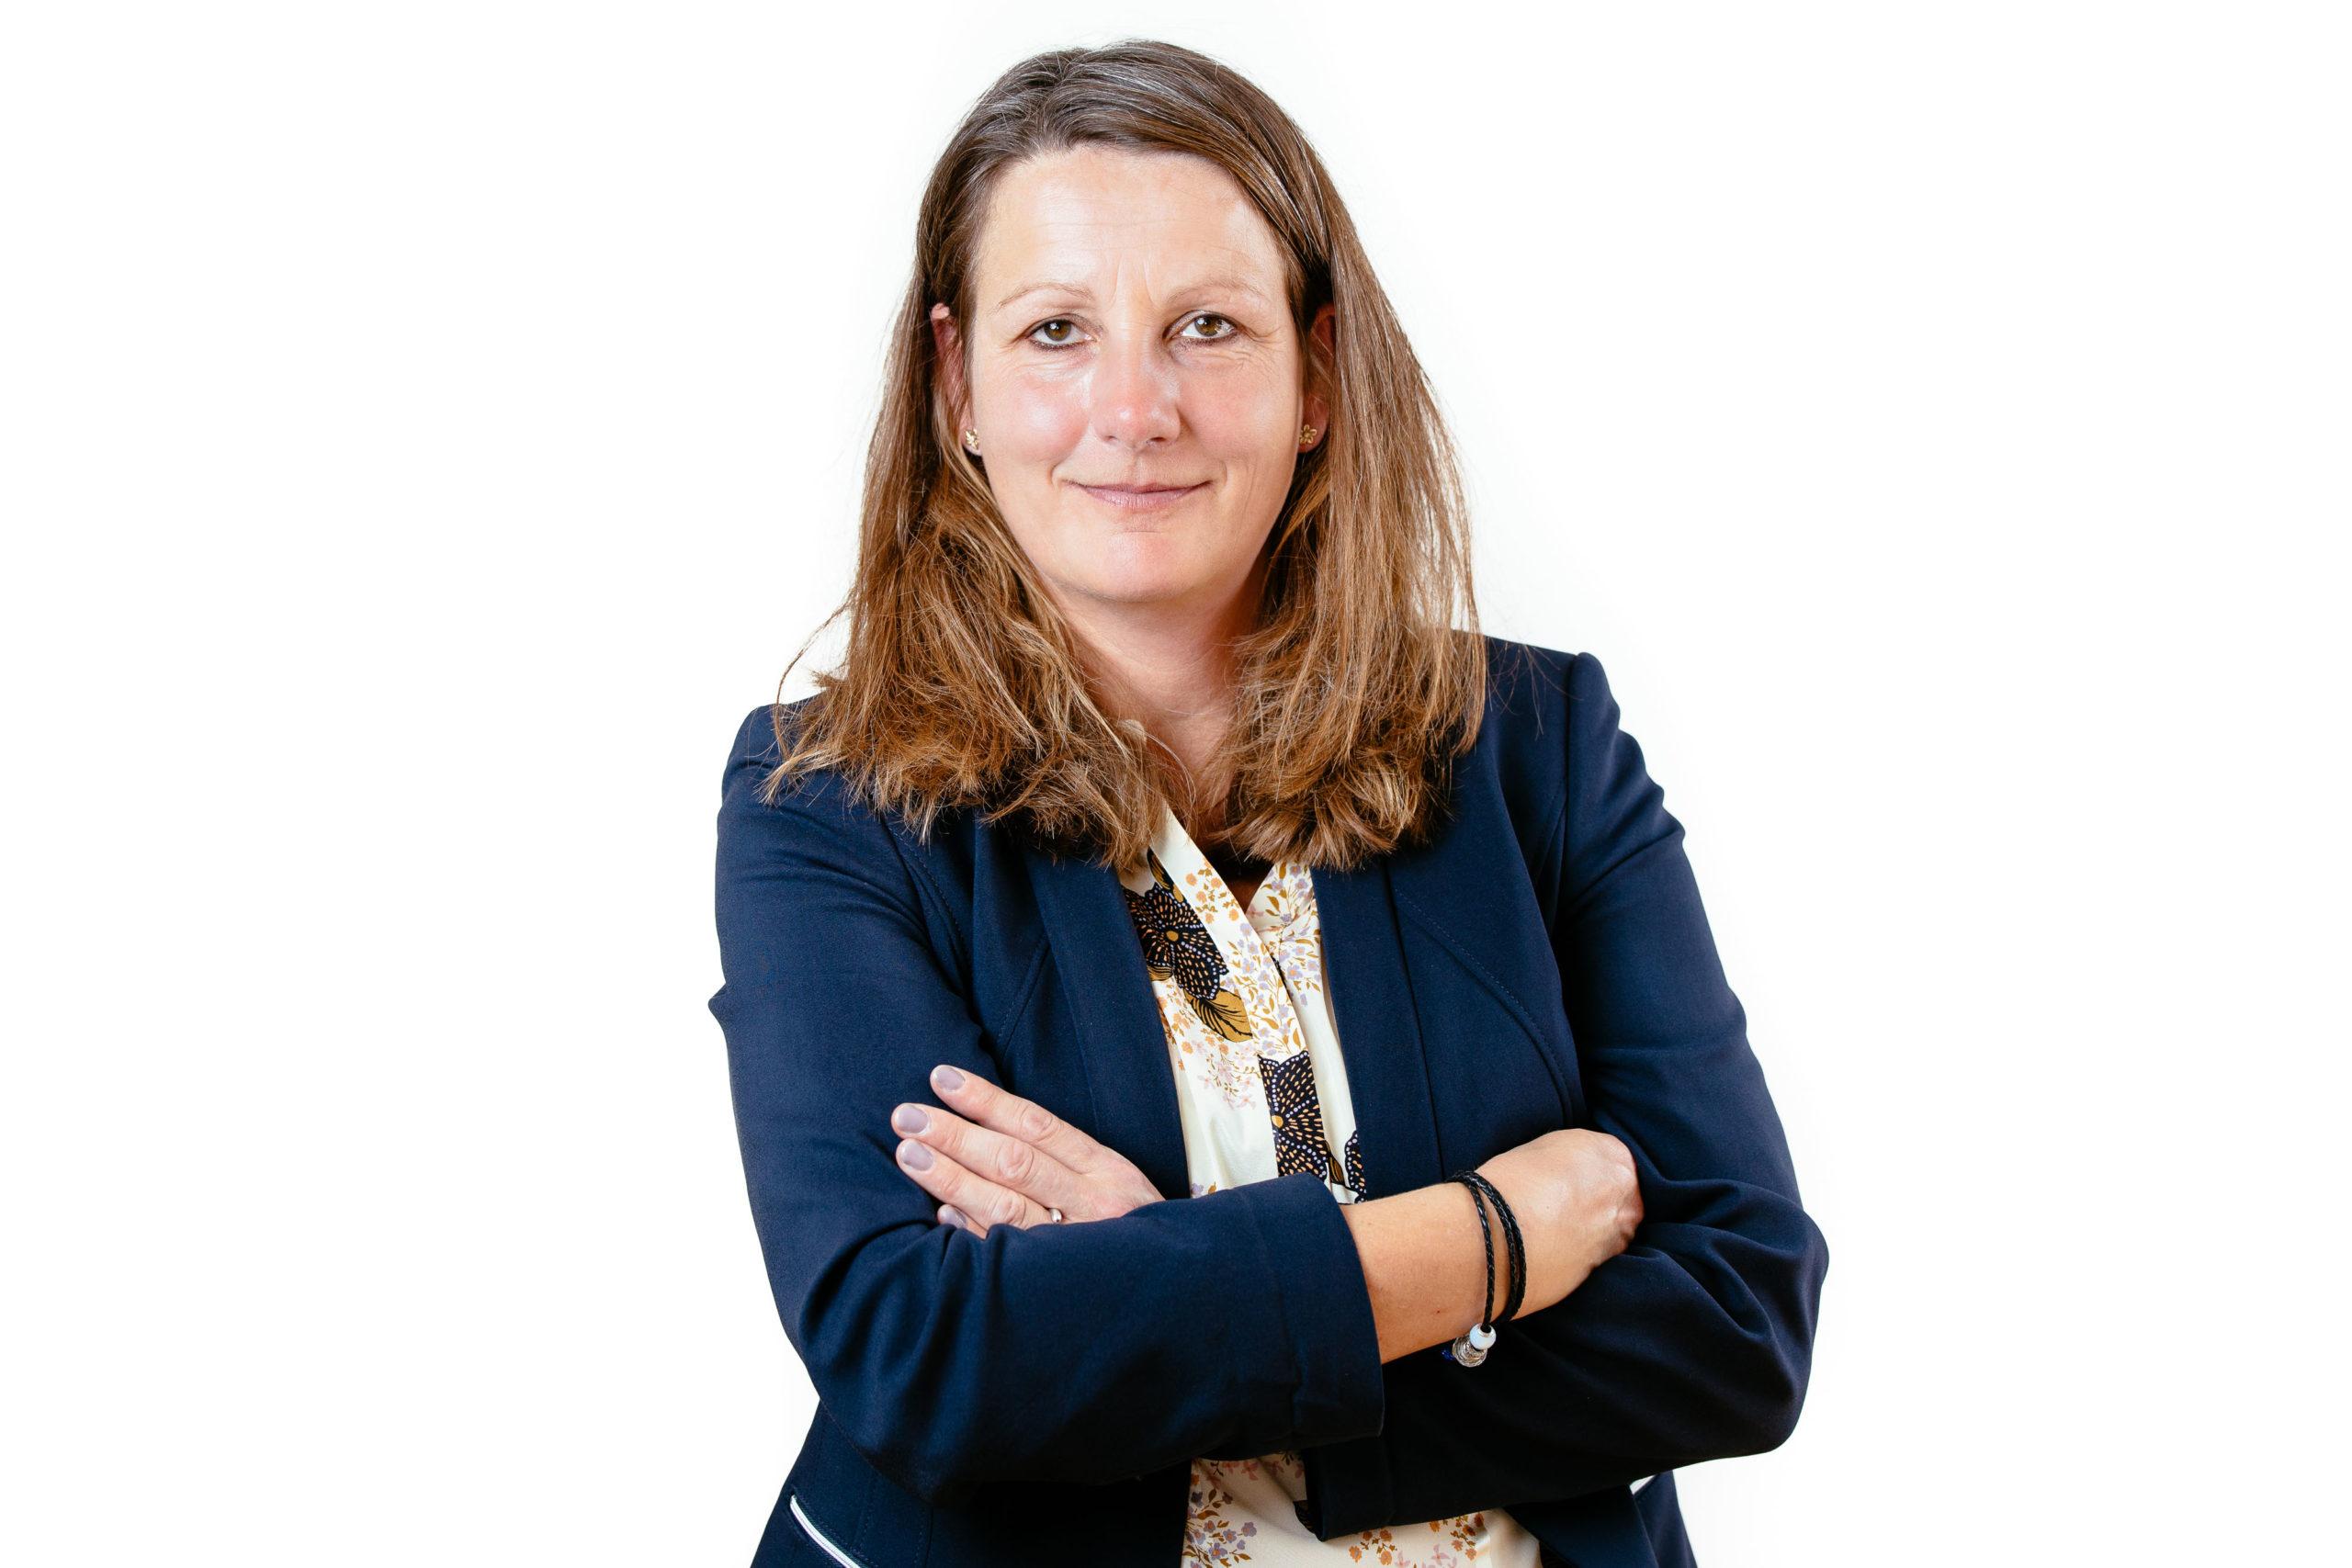 Bente Hansen, PQ-Consult